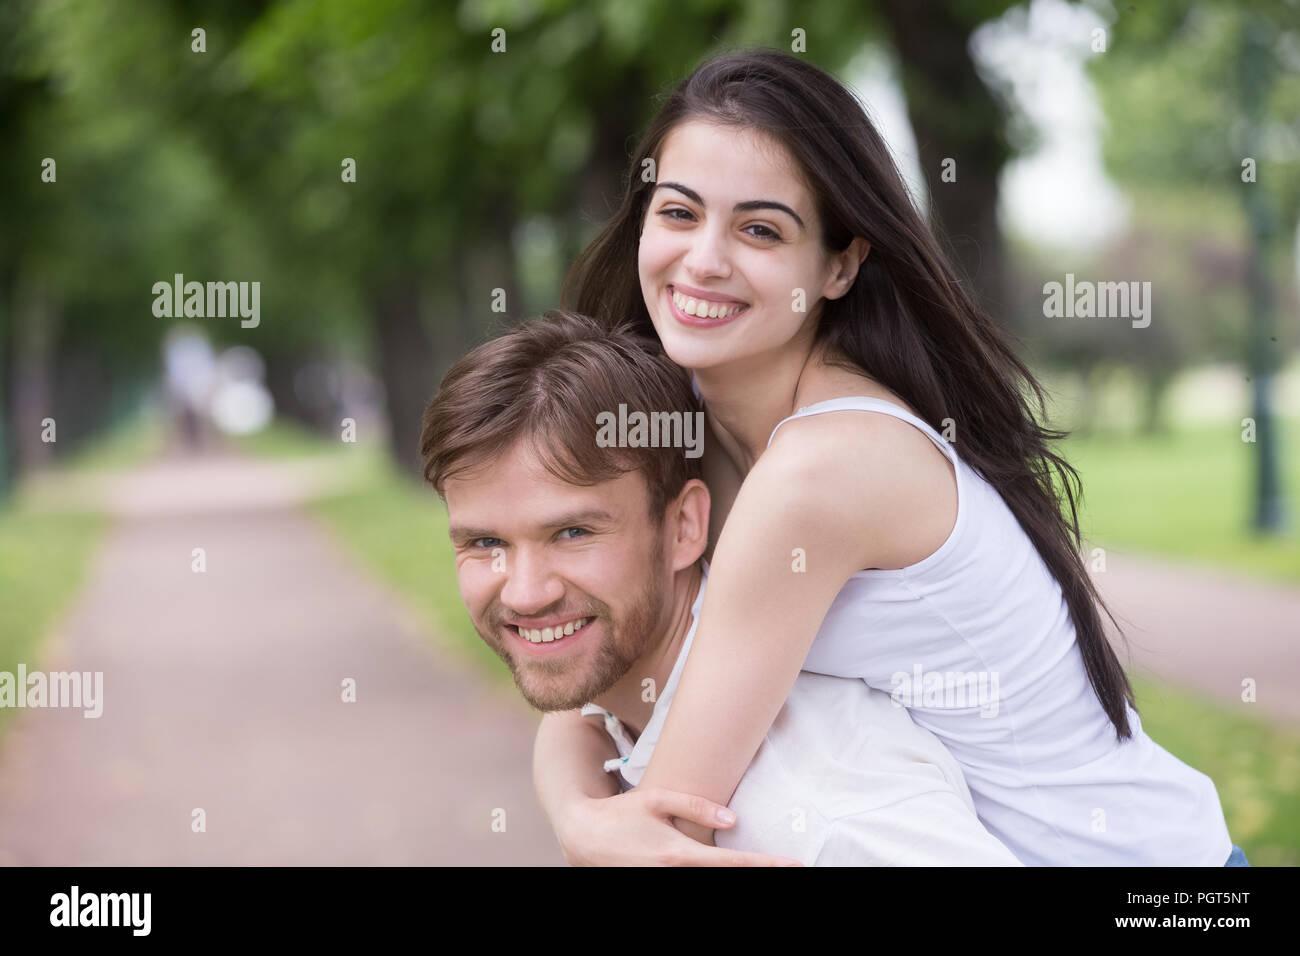 Ritratto di giovane sorridente ragazza piggyback boyfri millenario Immagini Stock